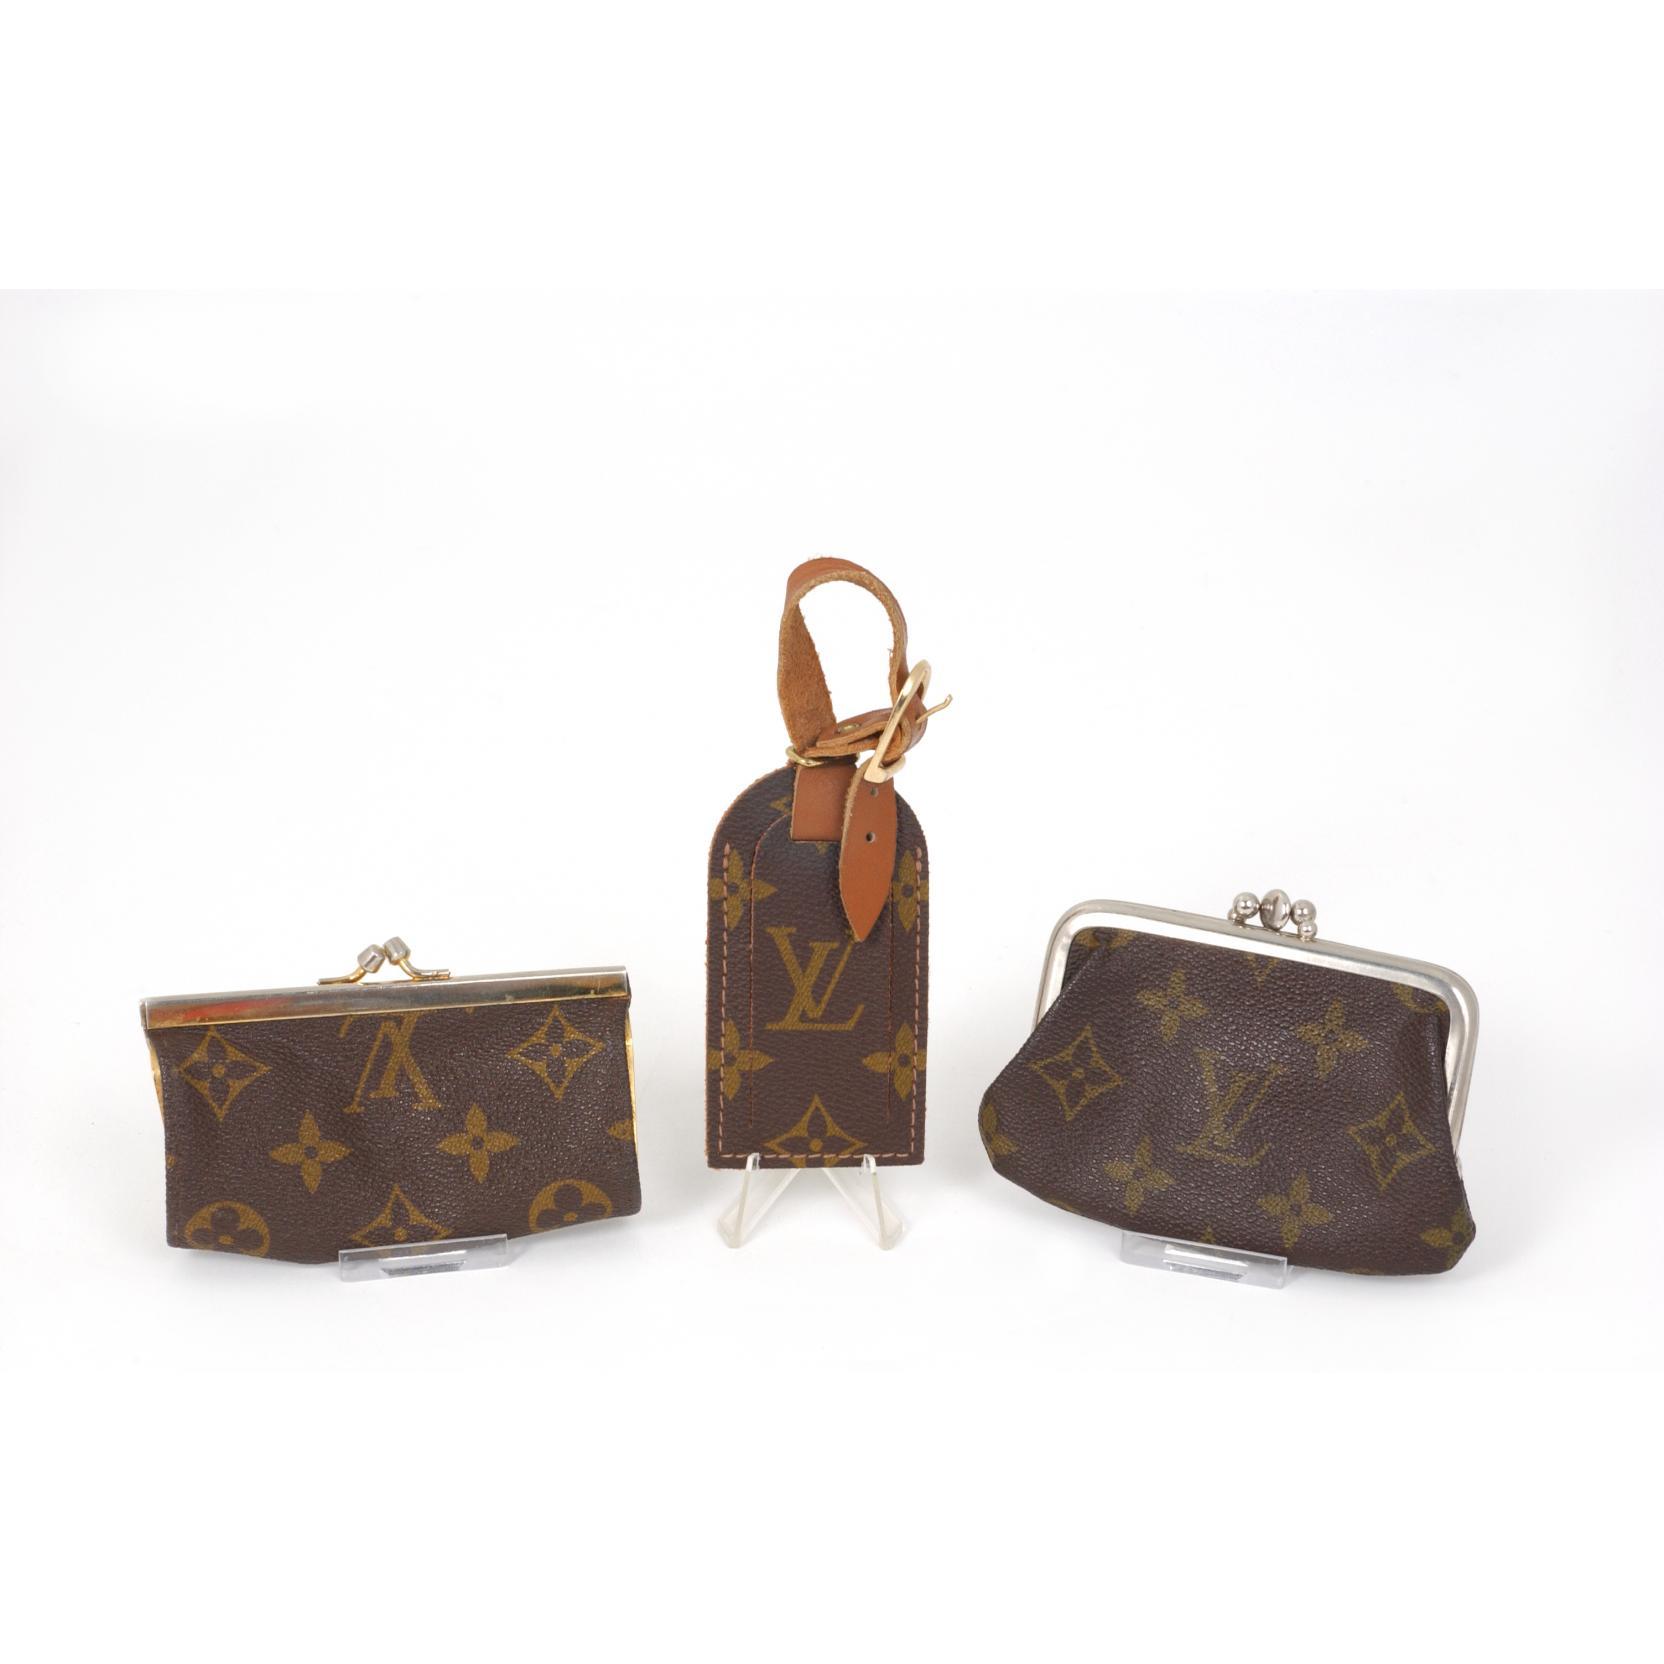 three-vintage-louis-vuitton-monogram-accessories